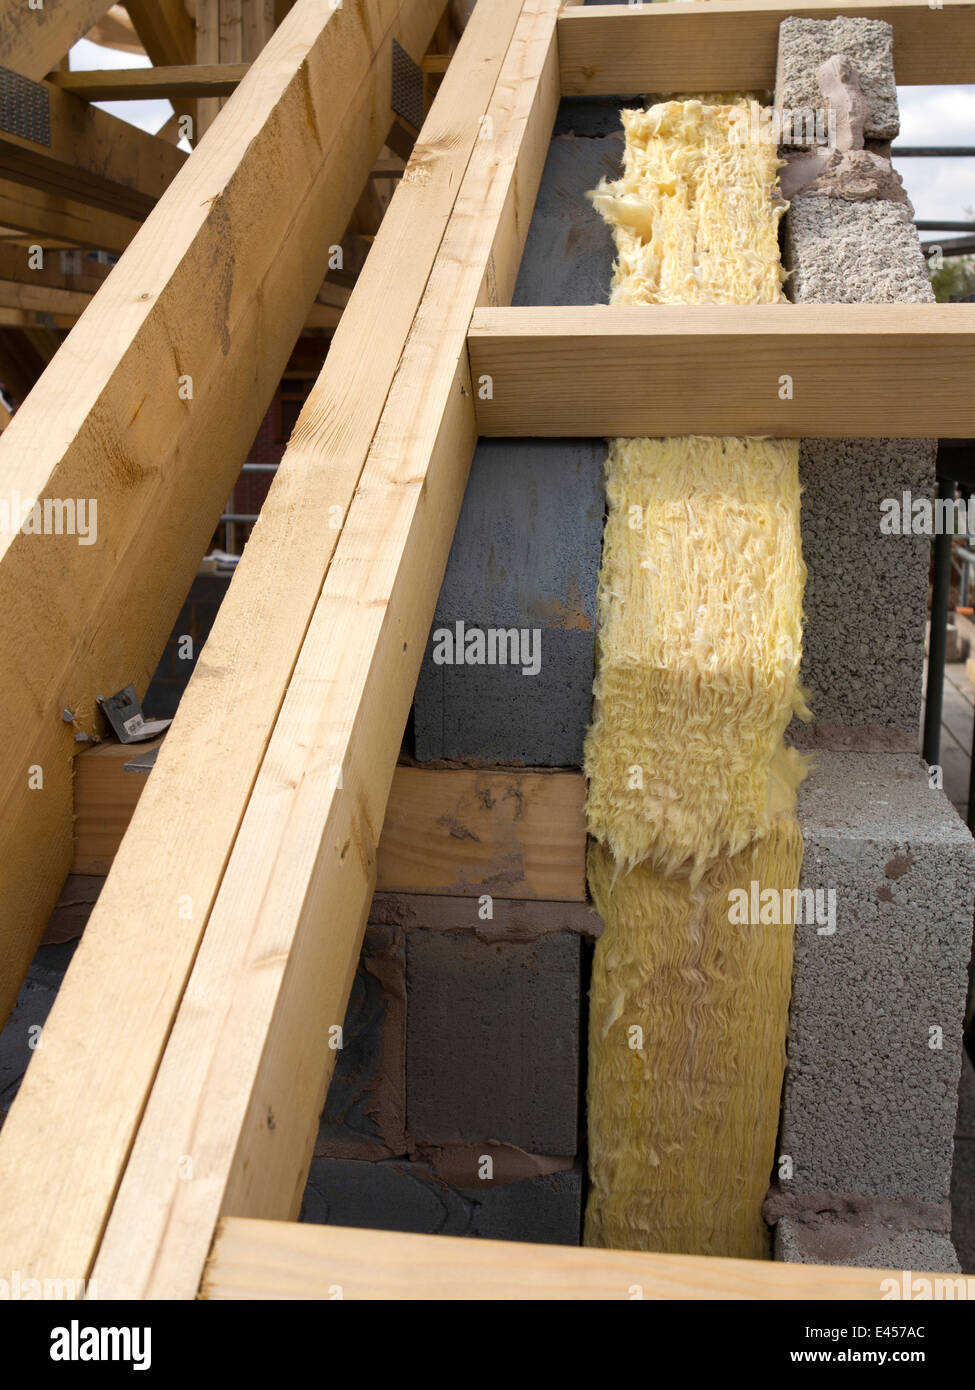 selbst Hausbau, isolierte Wände, 100 mm Wärmedämmung ausgestattet, Dachstühle Stockbild